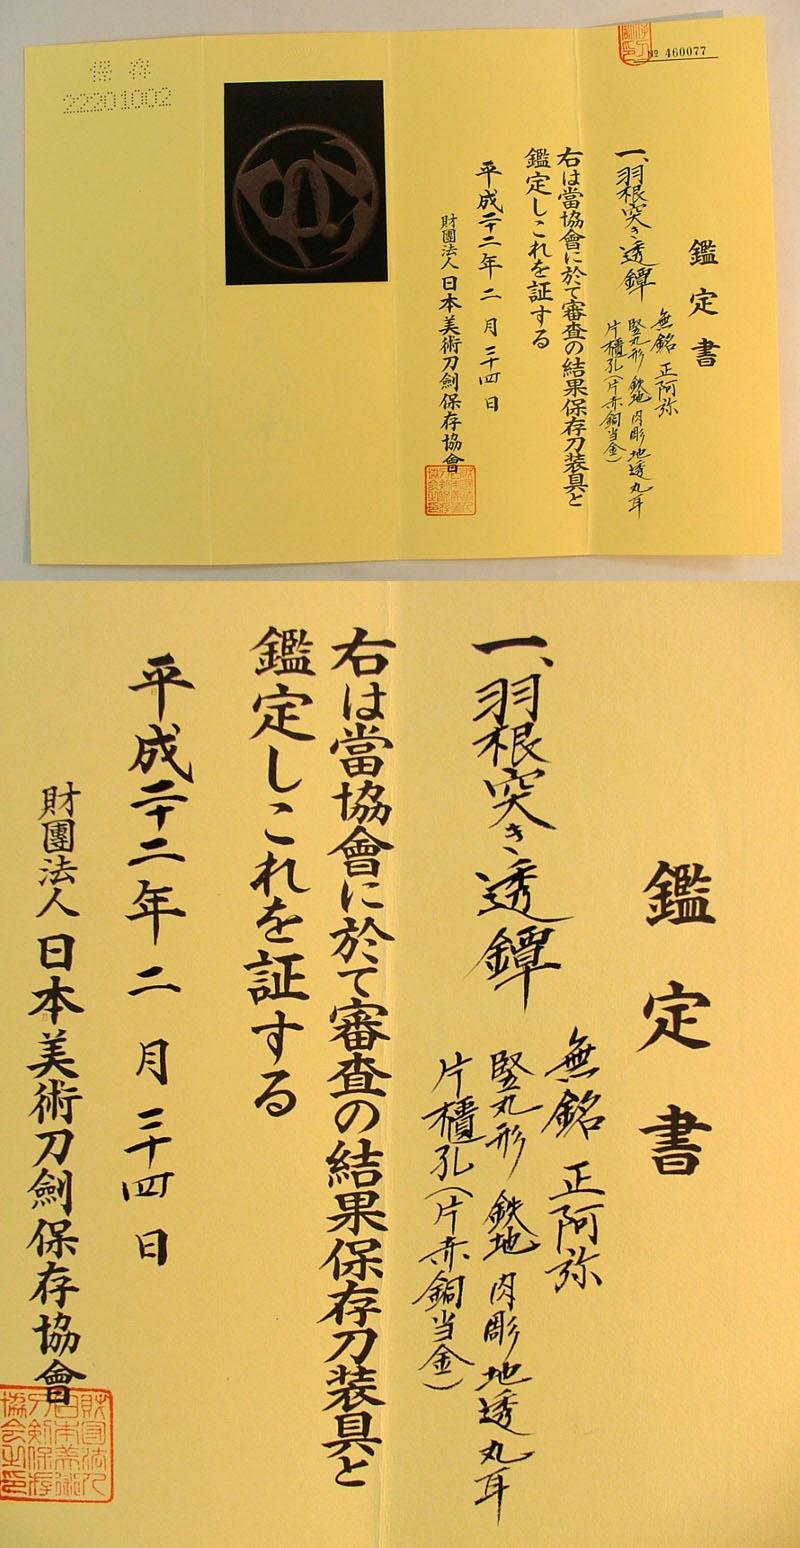 羽根突き透鍔 無銘 正阿弥 Picture of Certificate